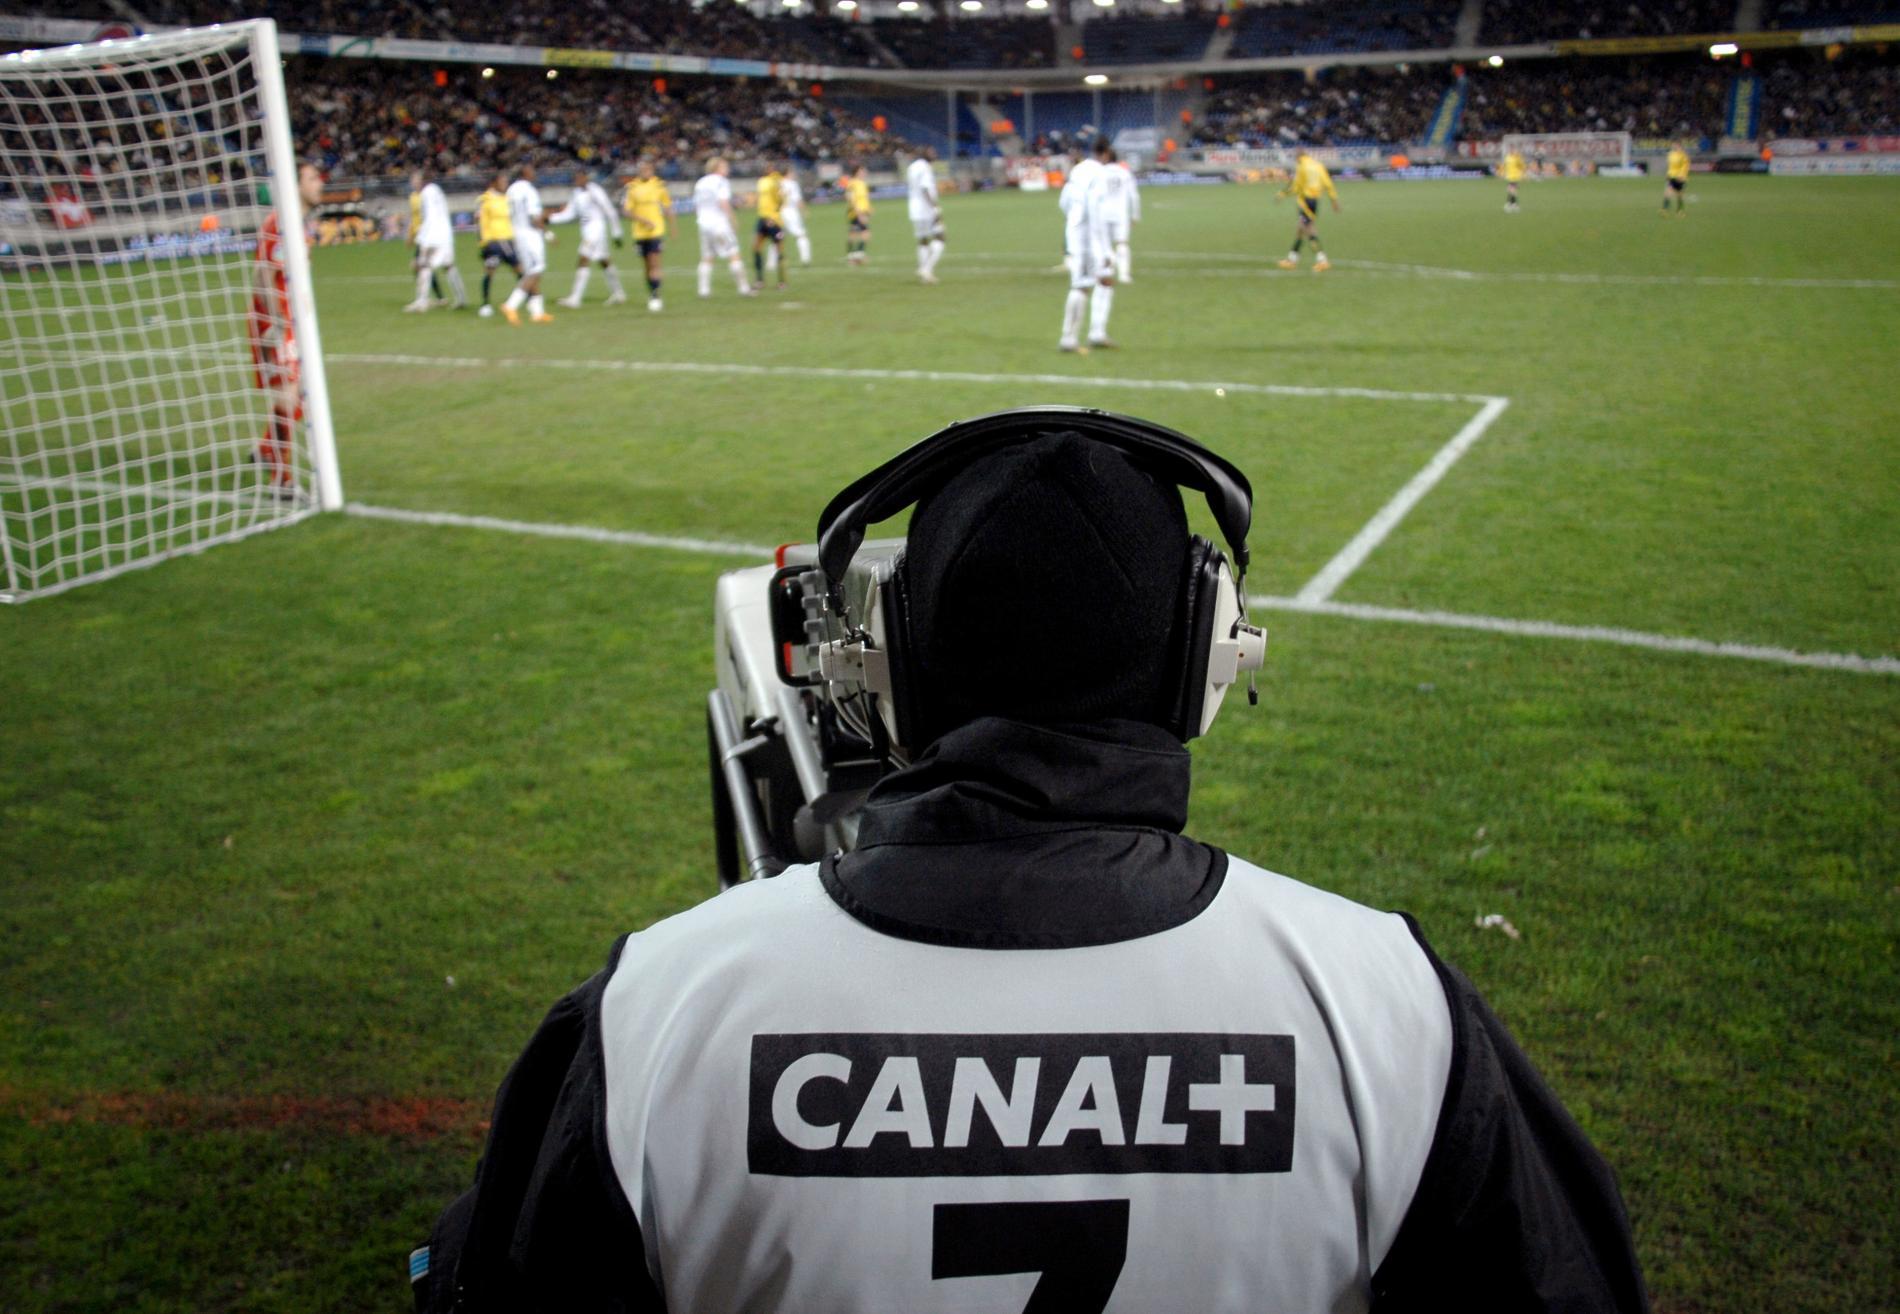 Finie la Ligue 1 pour Canal+, bonjour Mediapro !